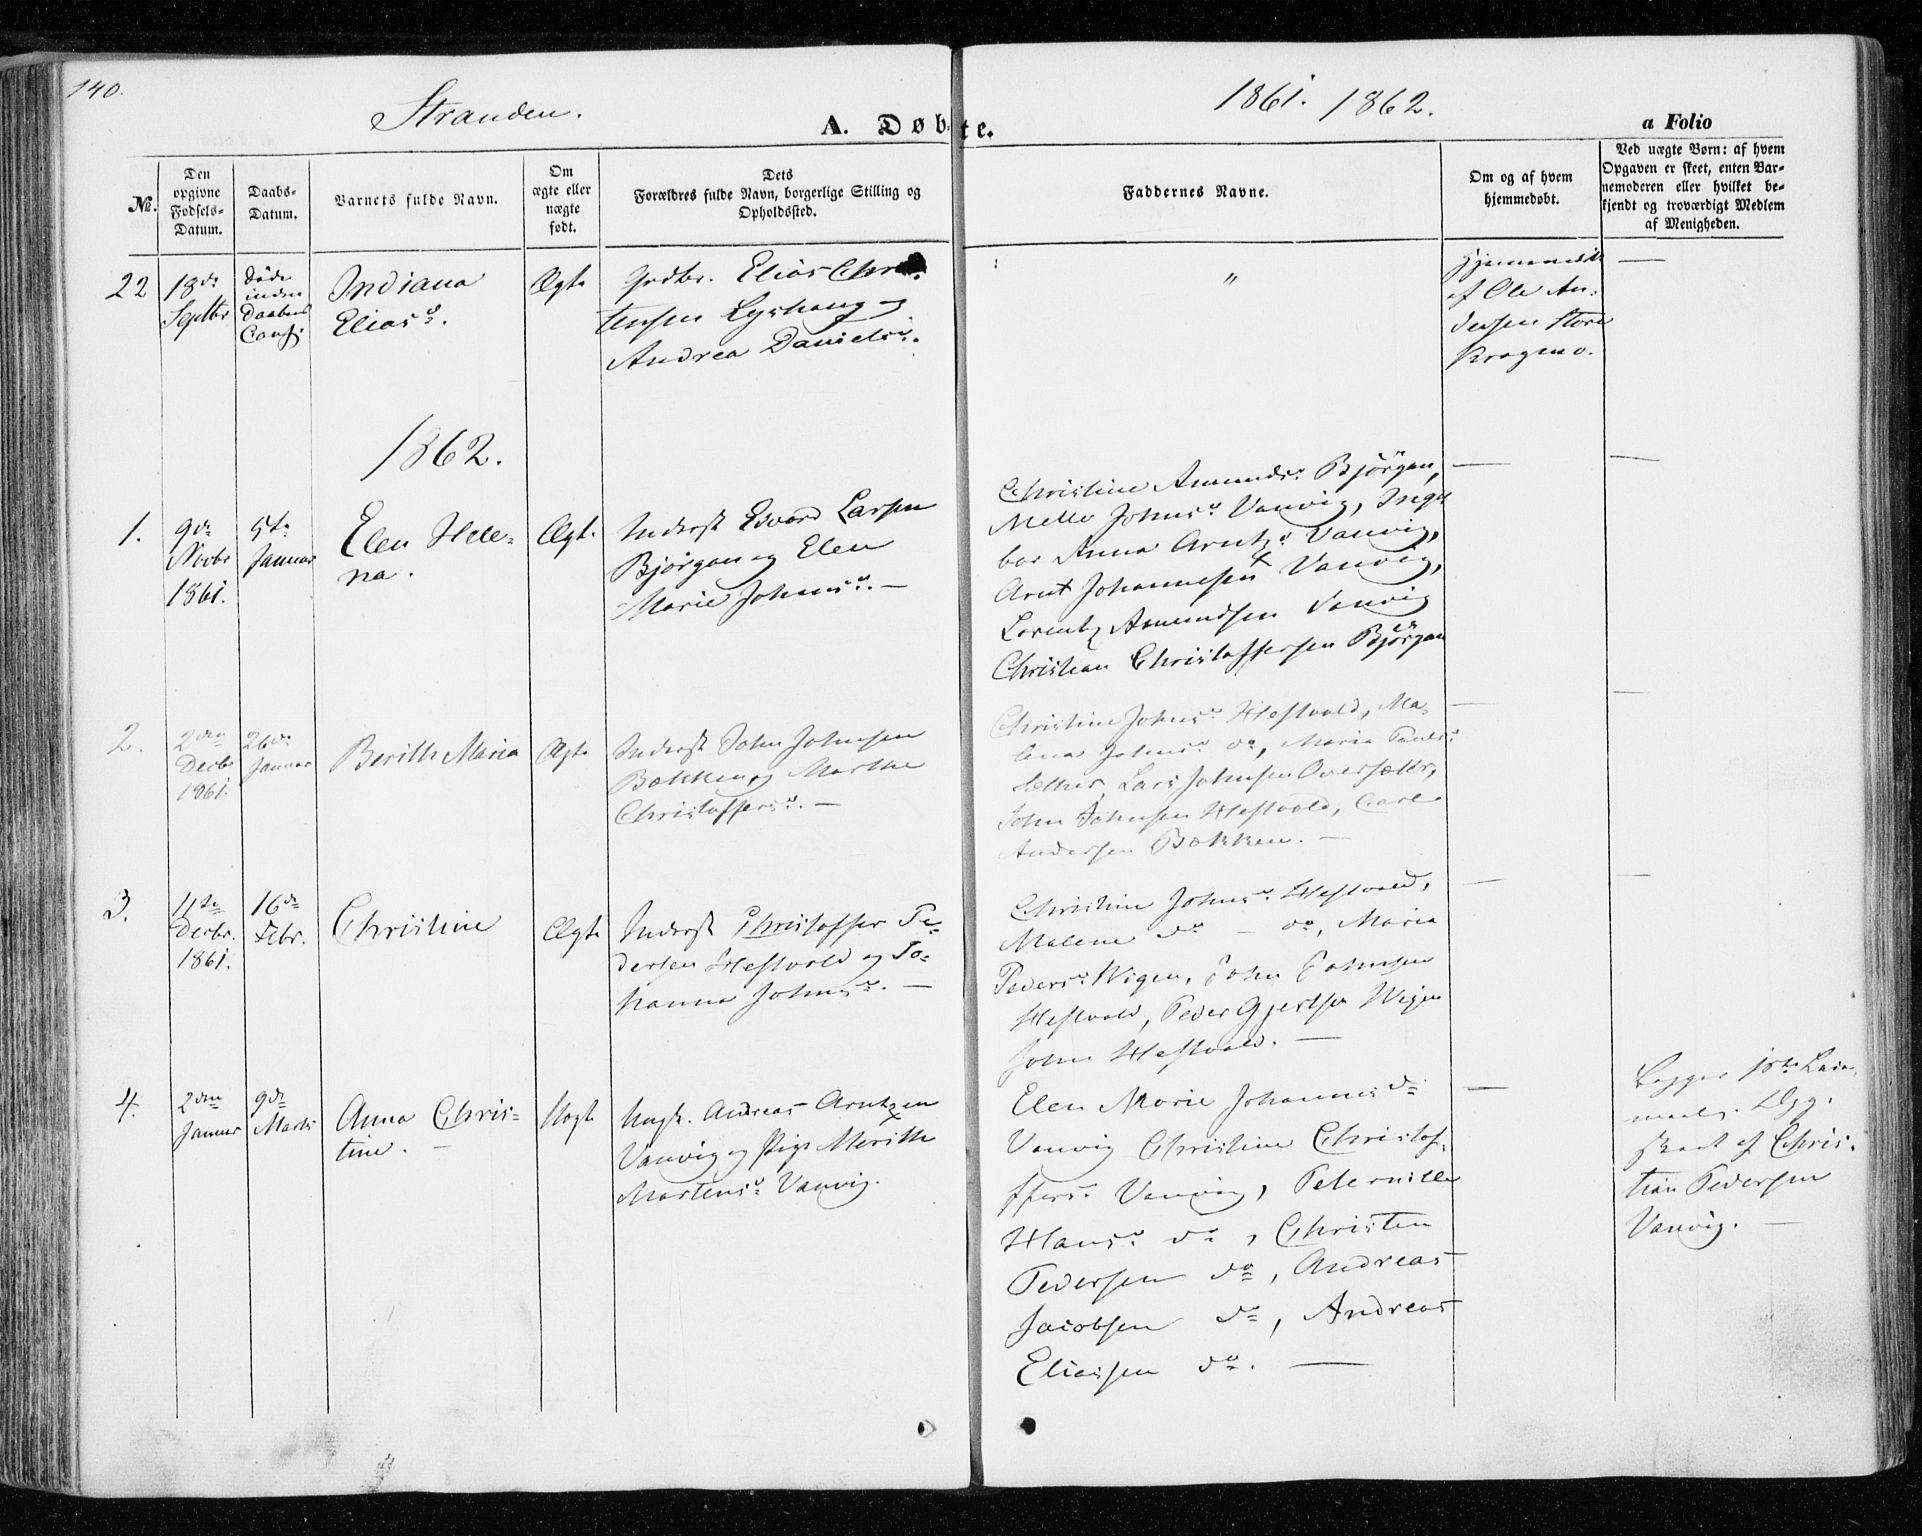 SAT, Ministerialprotokoller, klokkerbøker og fødselsregistre - Nord-Trøndelag, 701/L0008: Ministerialbok nr. 701A08 /2, 1854-1863, s. 140